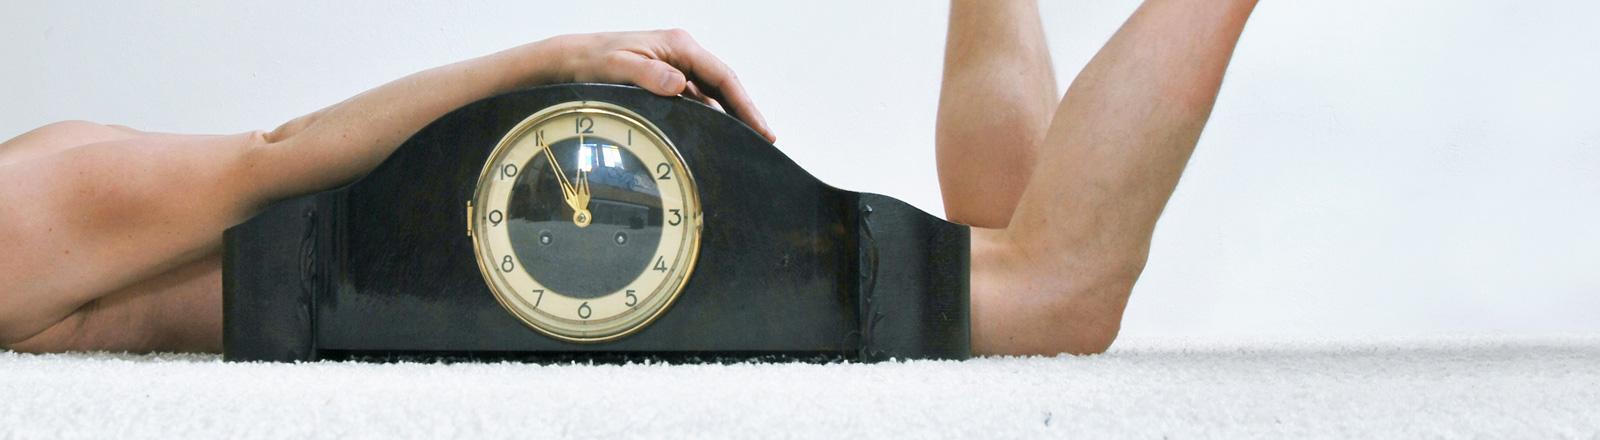 Auf einem weißen Fußboden liegt ein nackter Mann auf dem Bauch. Direkt neben ihm steht eine große Holzuhr, die seinen Körper verdeckt.